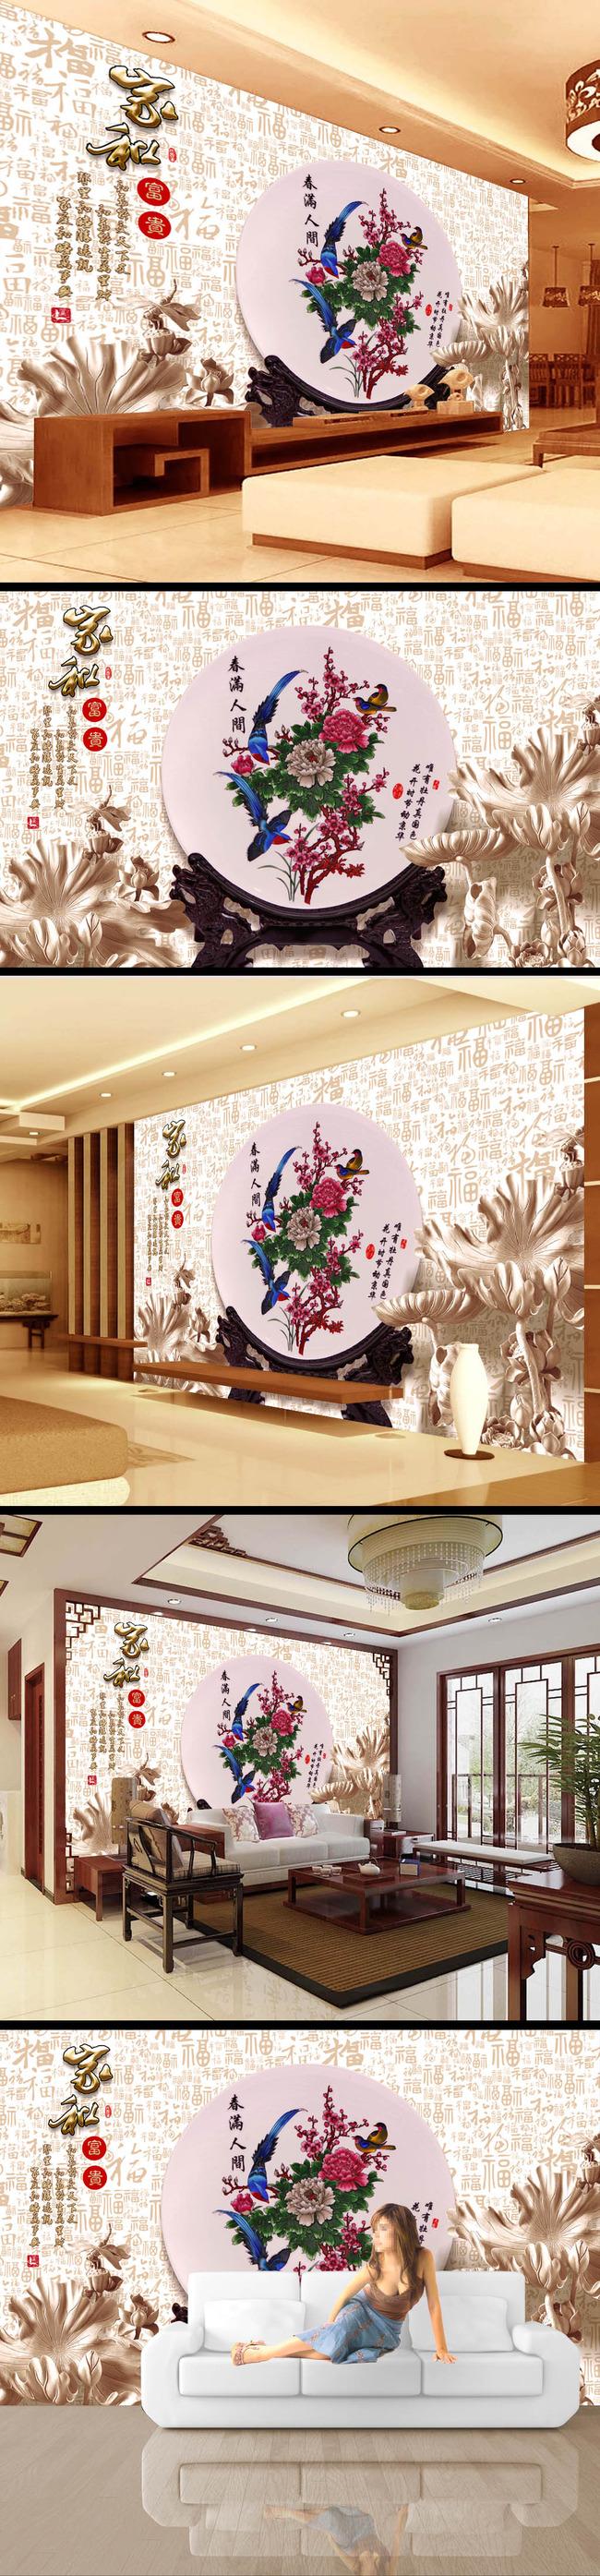 古典 中国画 中国风 壁画 3d 雕刻 彩雕 浮雕 玉雕 木雕 电视背景墙